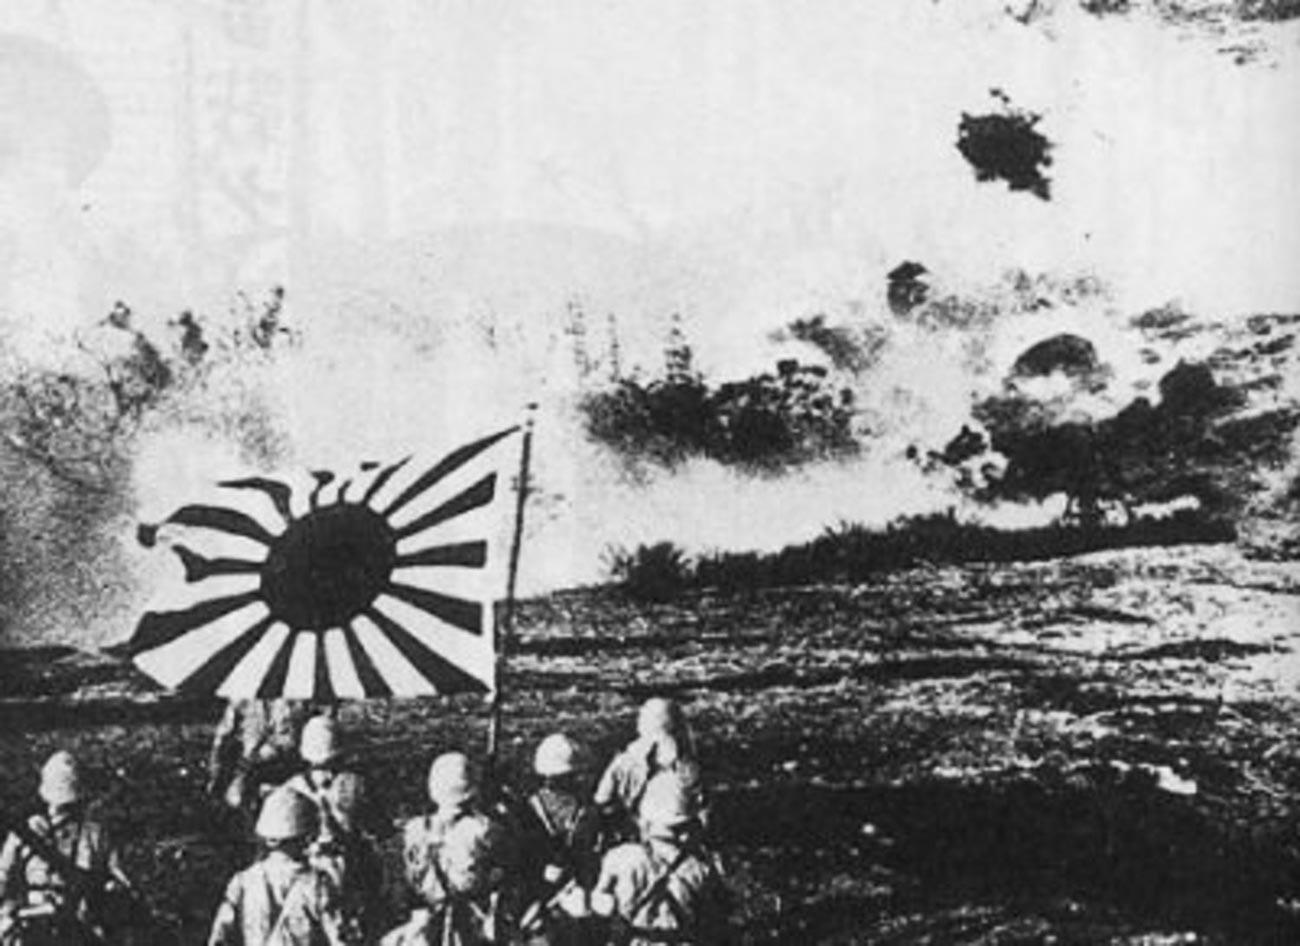 Јапанска морнарица диже у ваздух кинески ватрени положај и маршира са морнаричком заставом за време Кантонске операције.